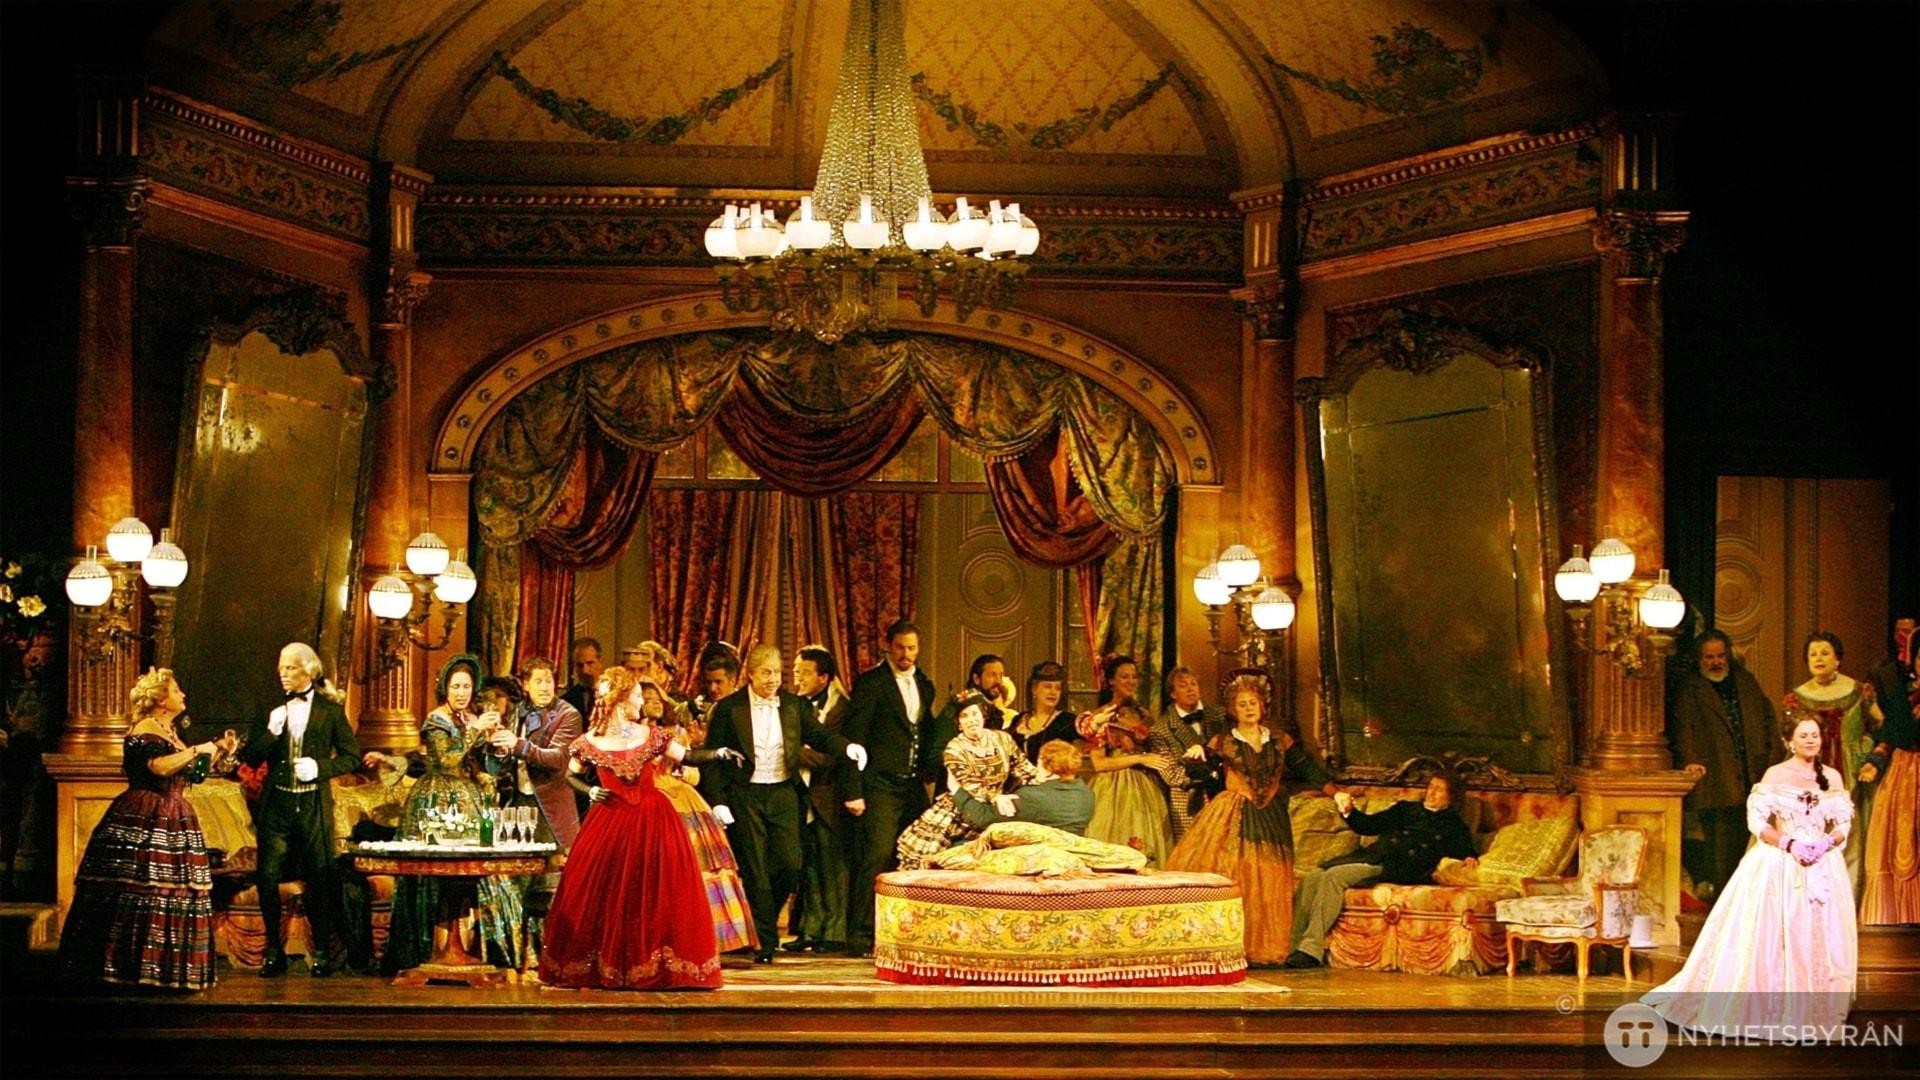 La Traviata – kärlekens virrvarr och samhällets krav